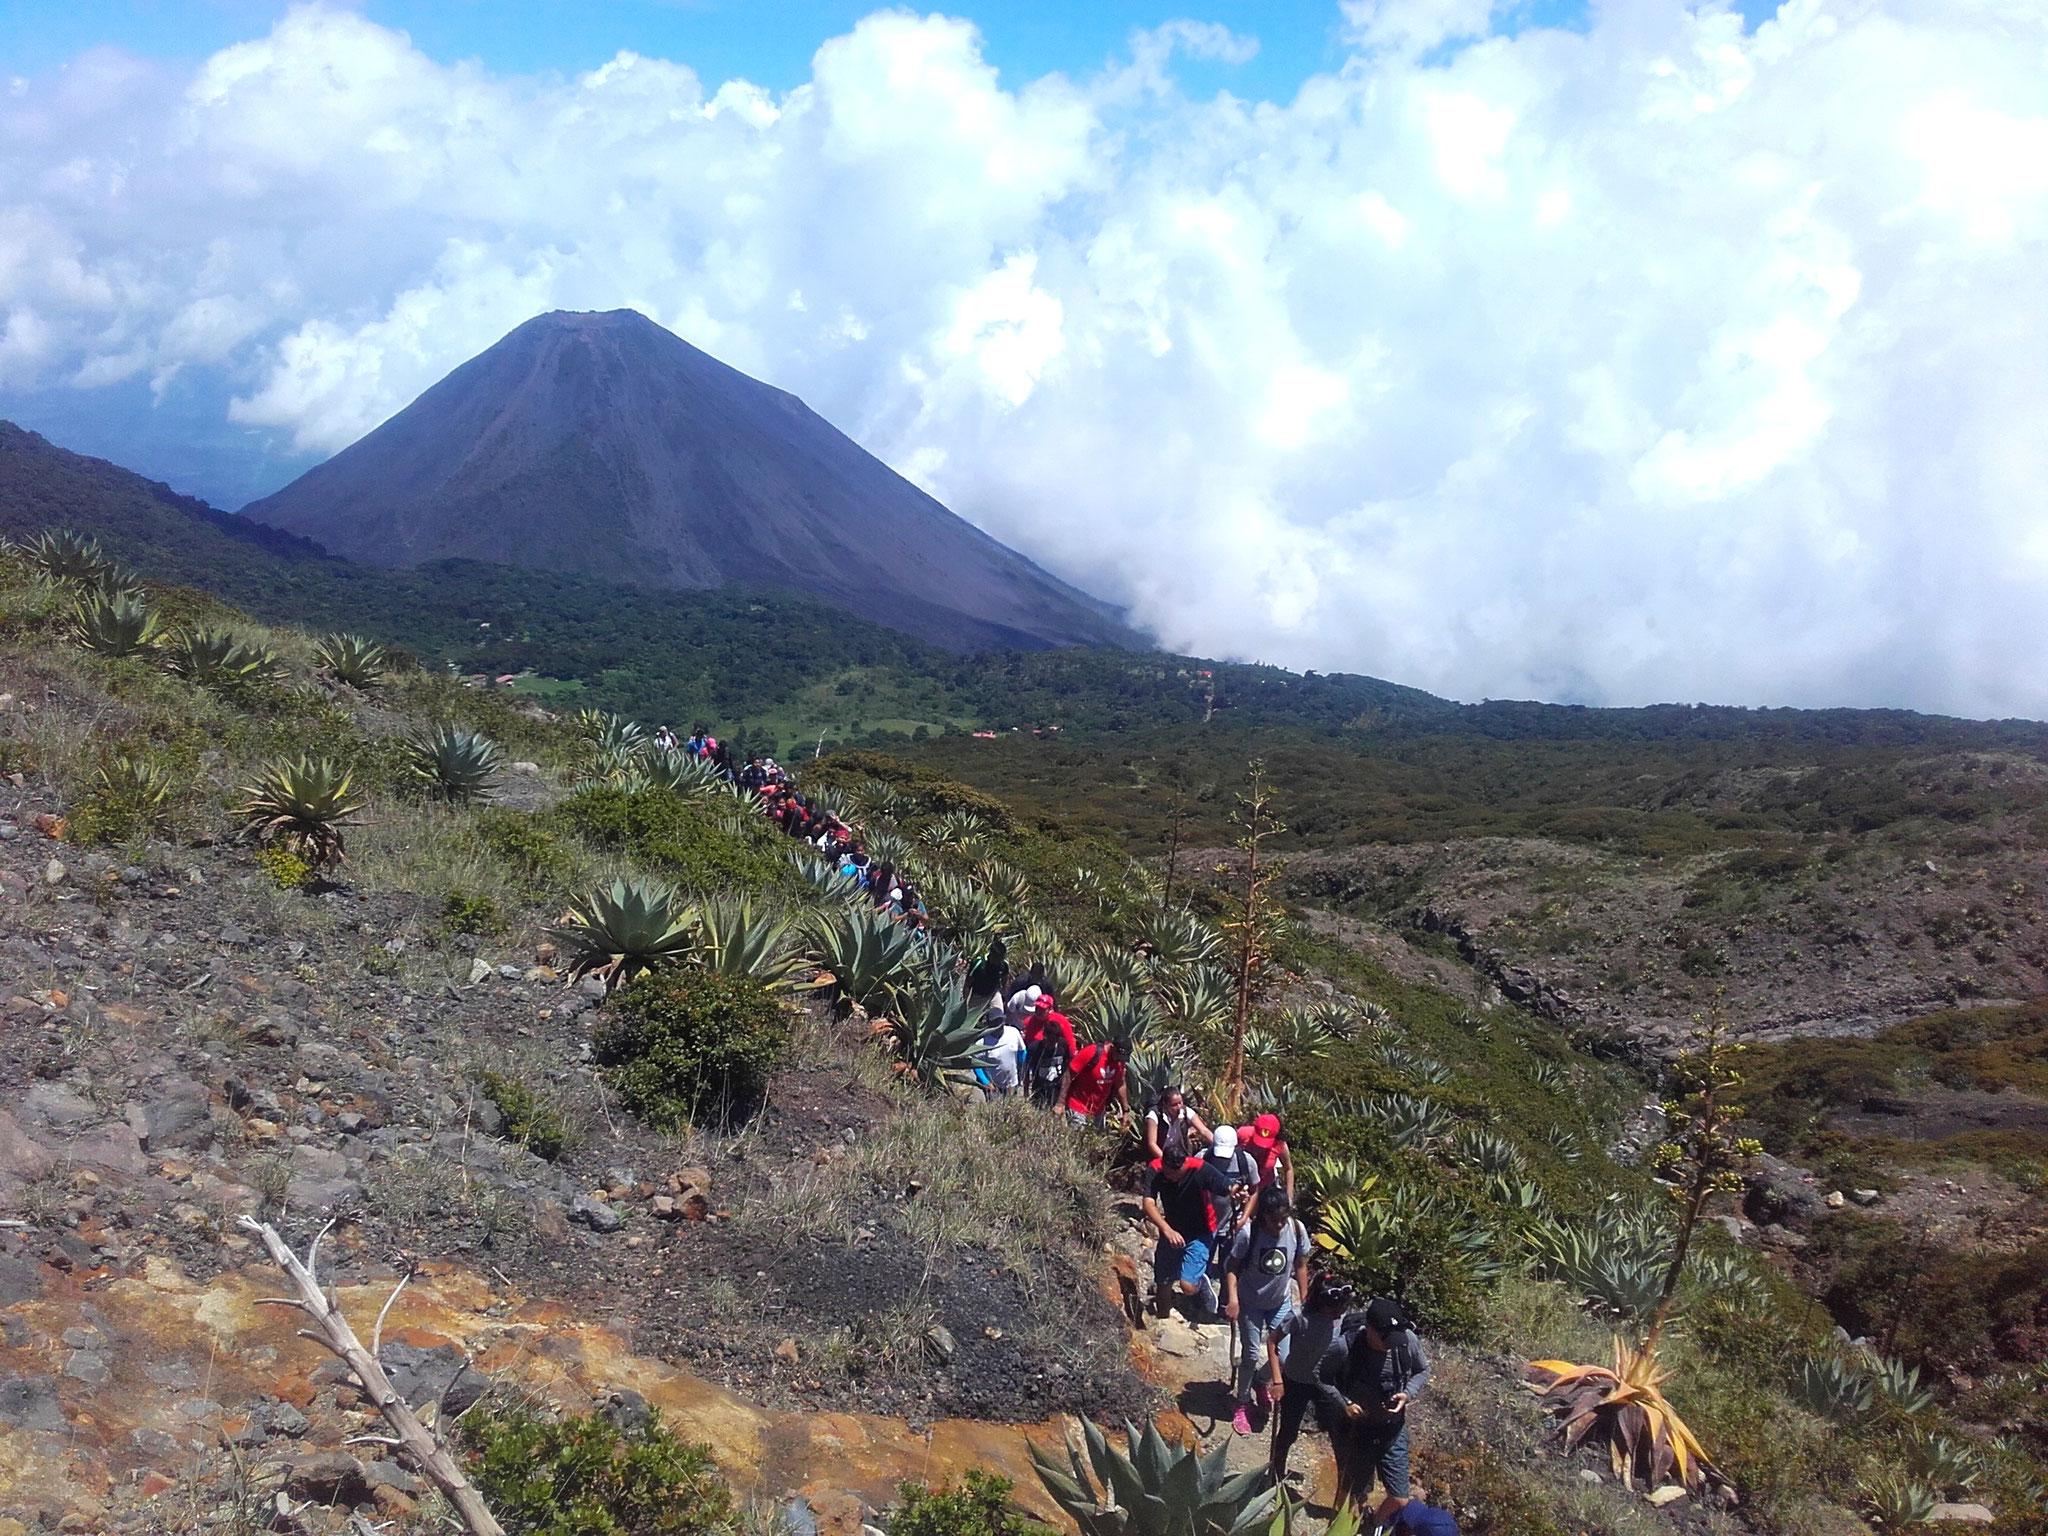 Volcano Santa Ana, El Salvador